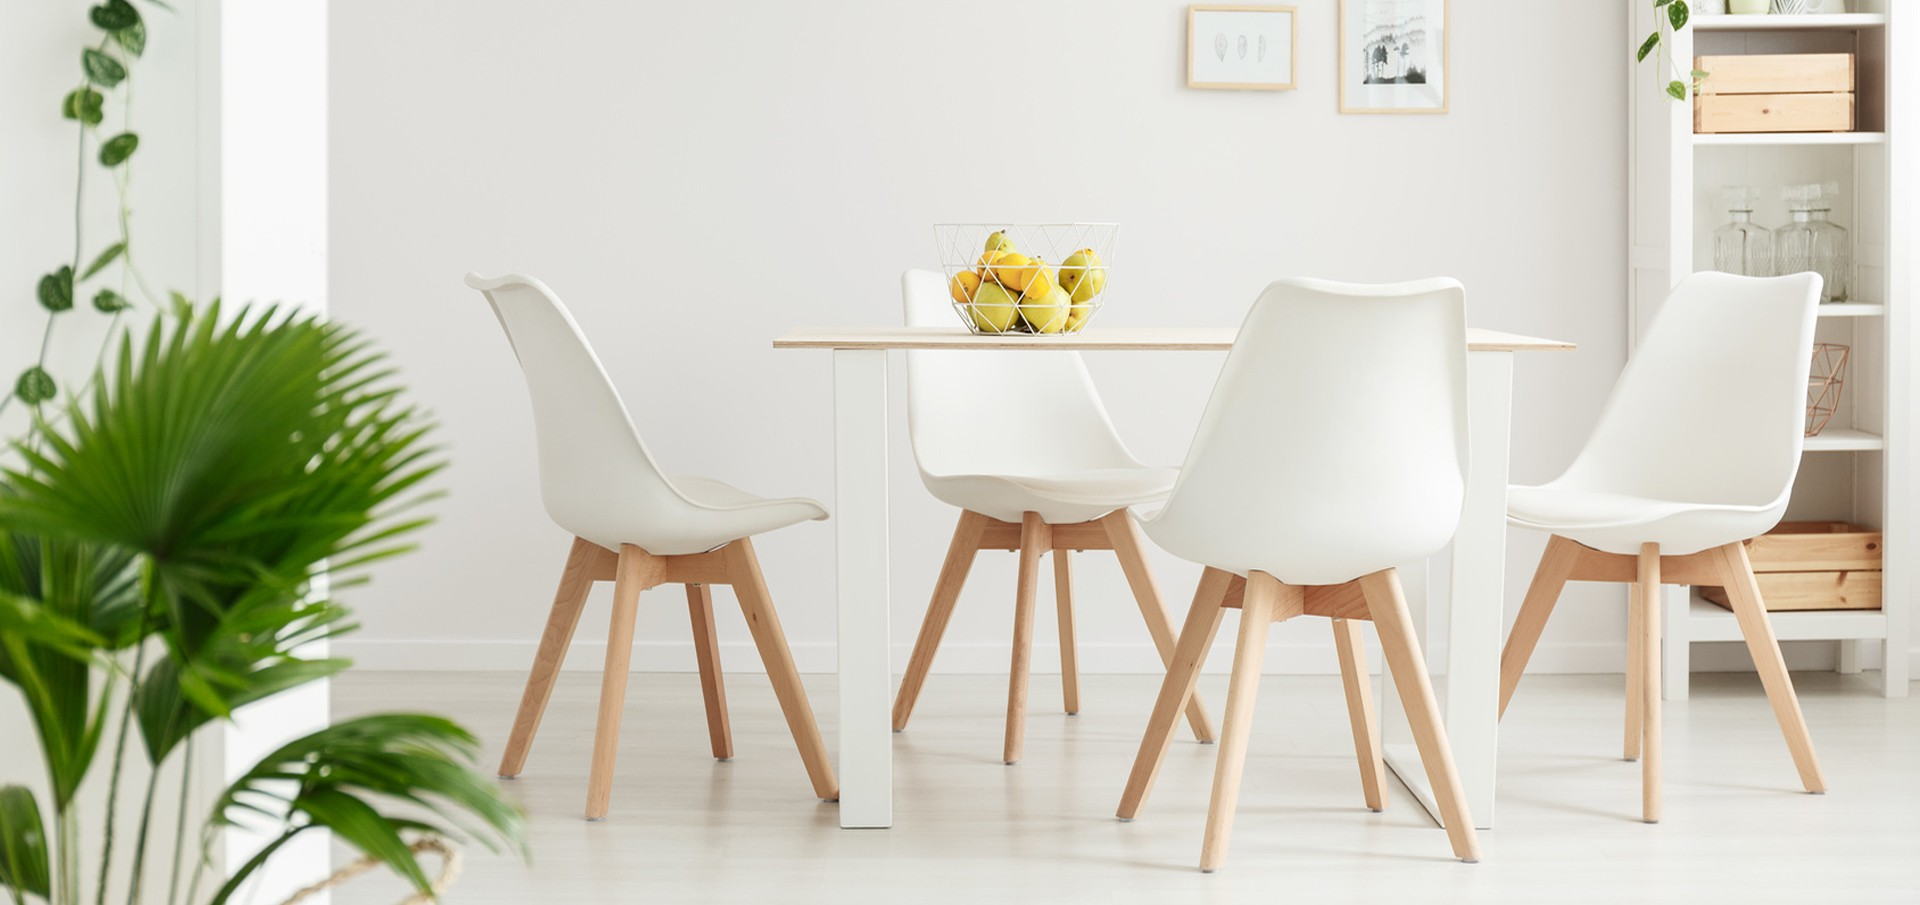 Krzesła tapicerowane skórzane